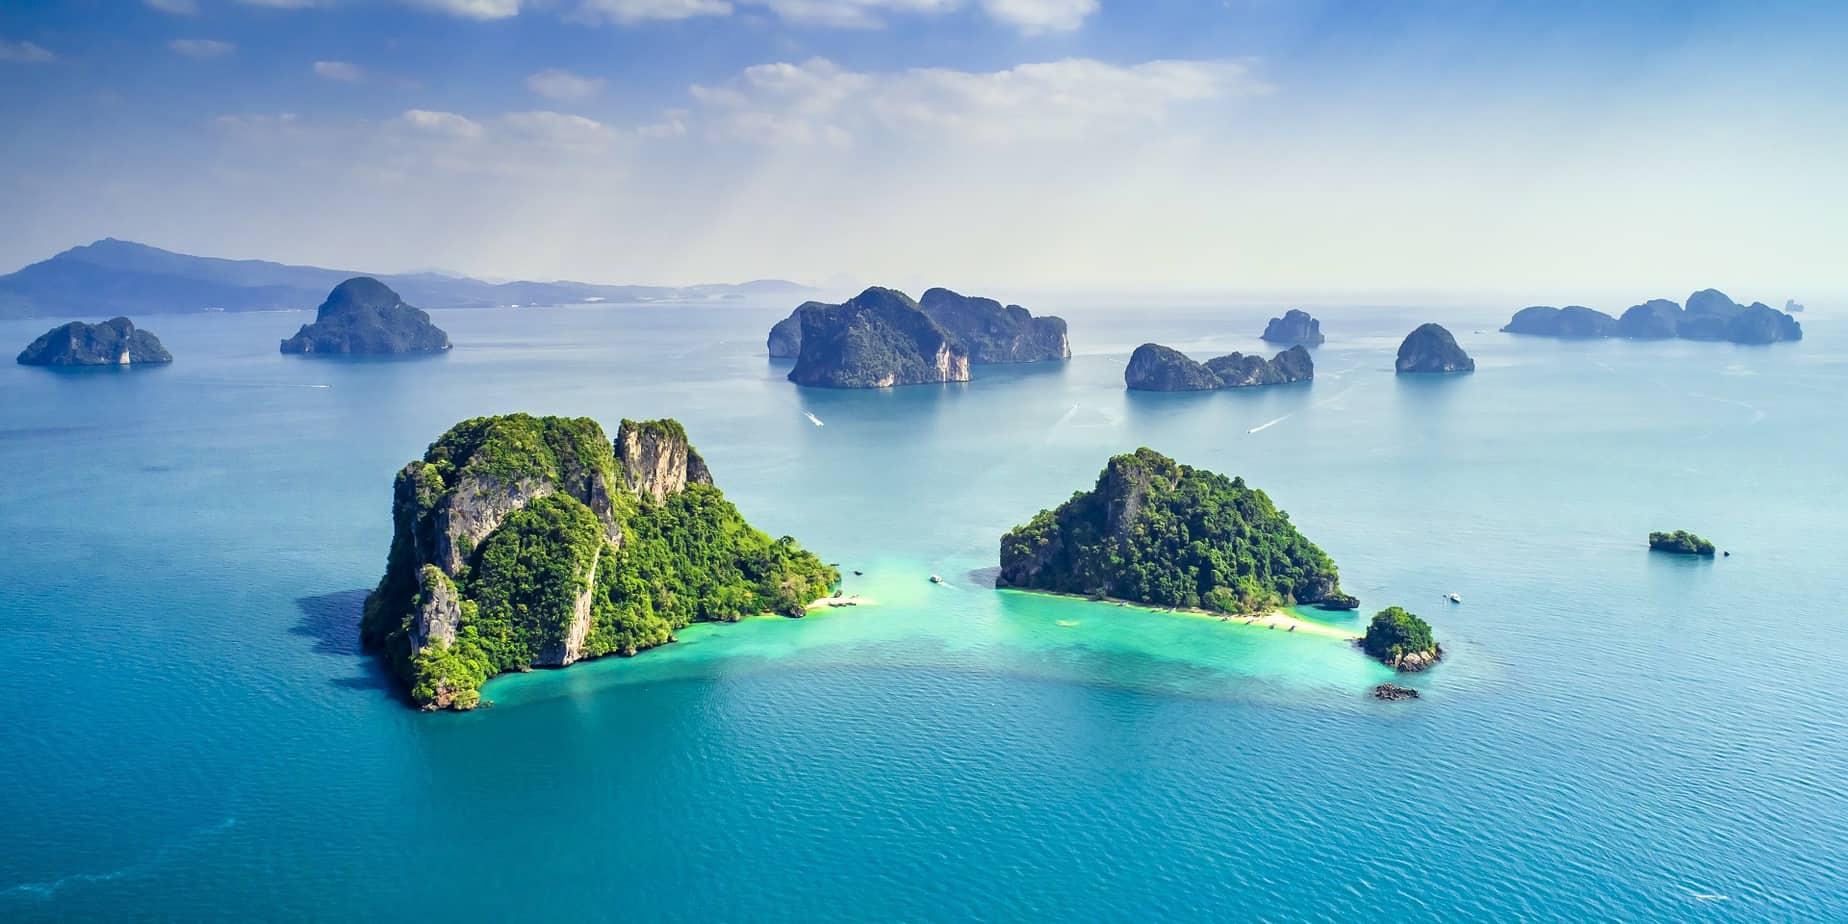 افضل 5 أنشطة في الحديقة المائية جنغل سبلاش بوكيت تايلاند